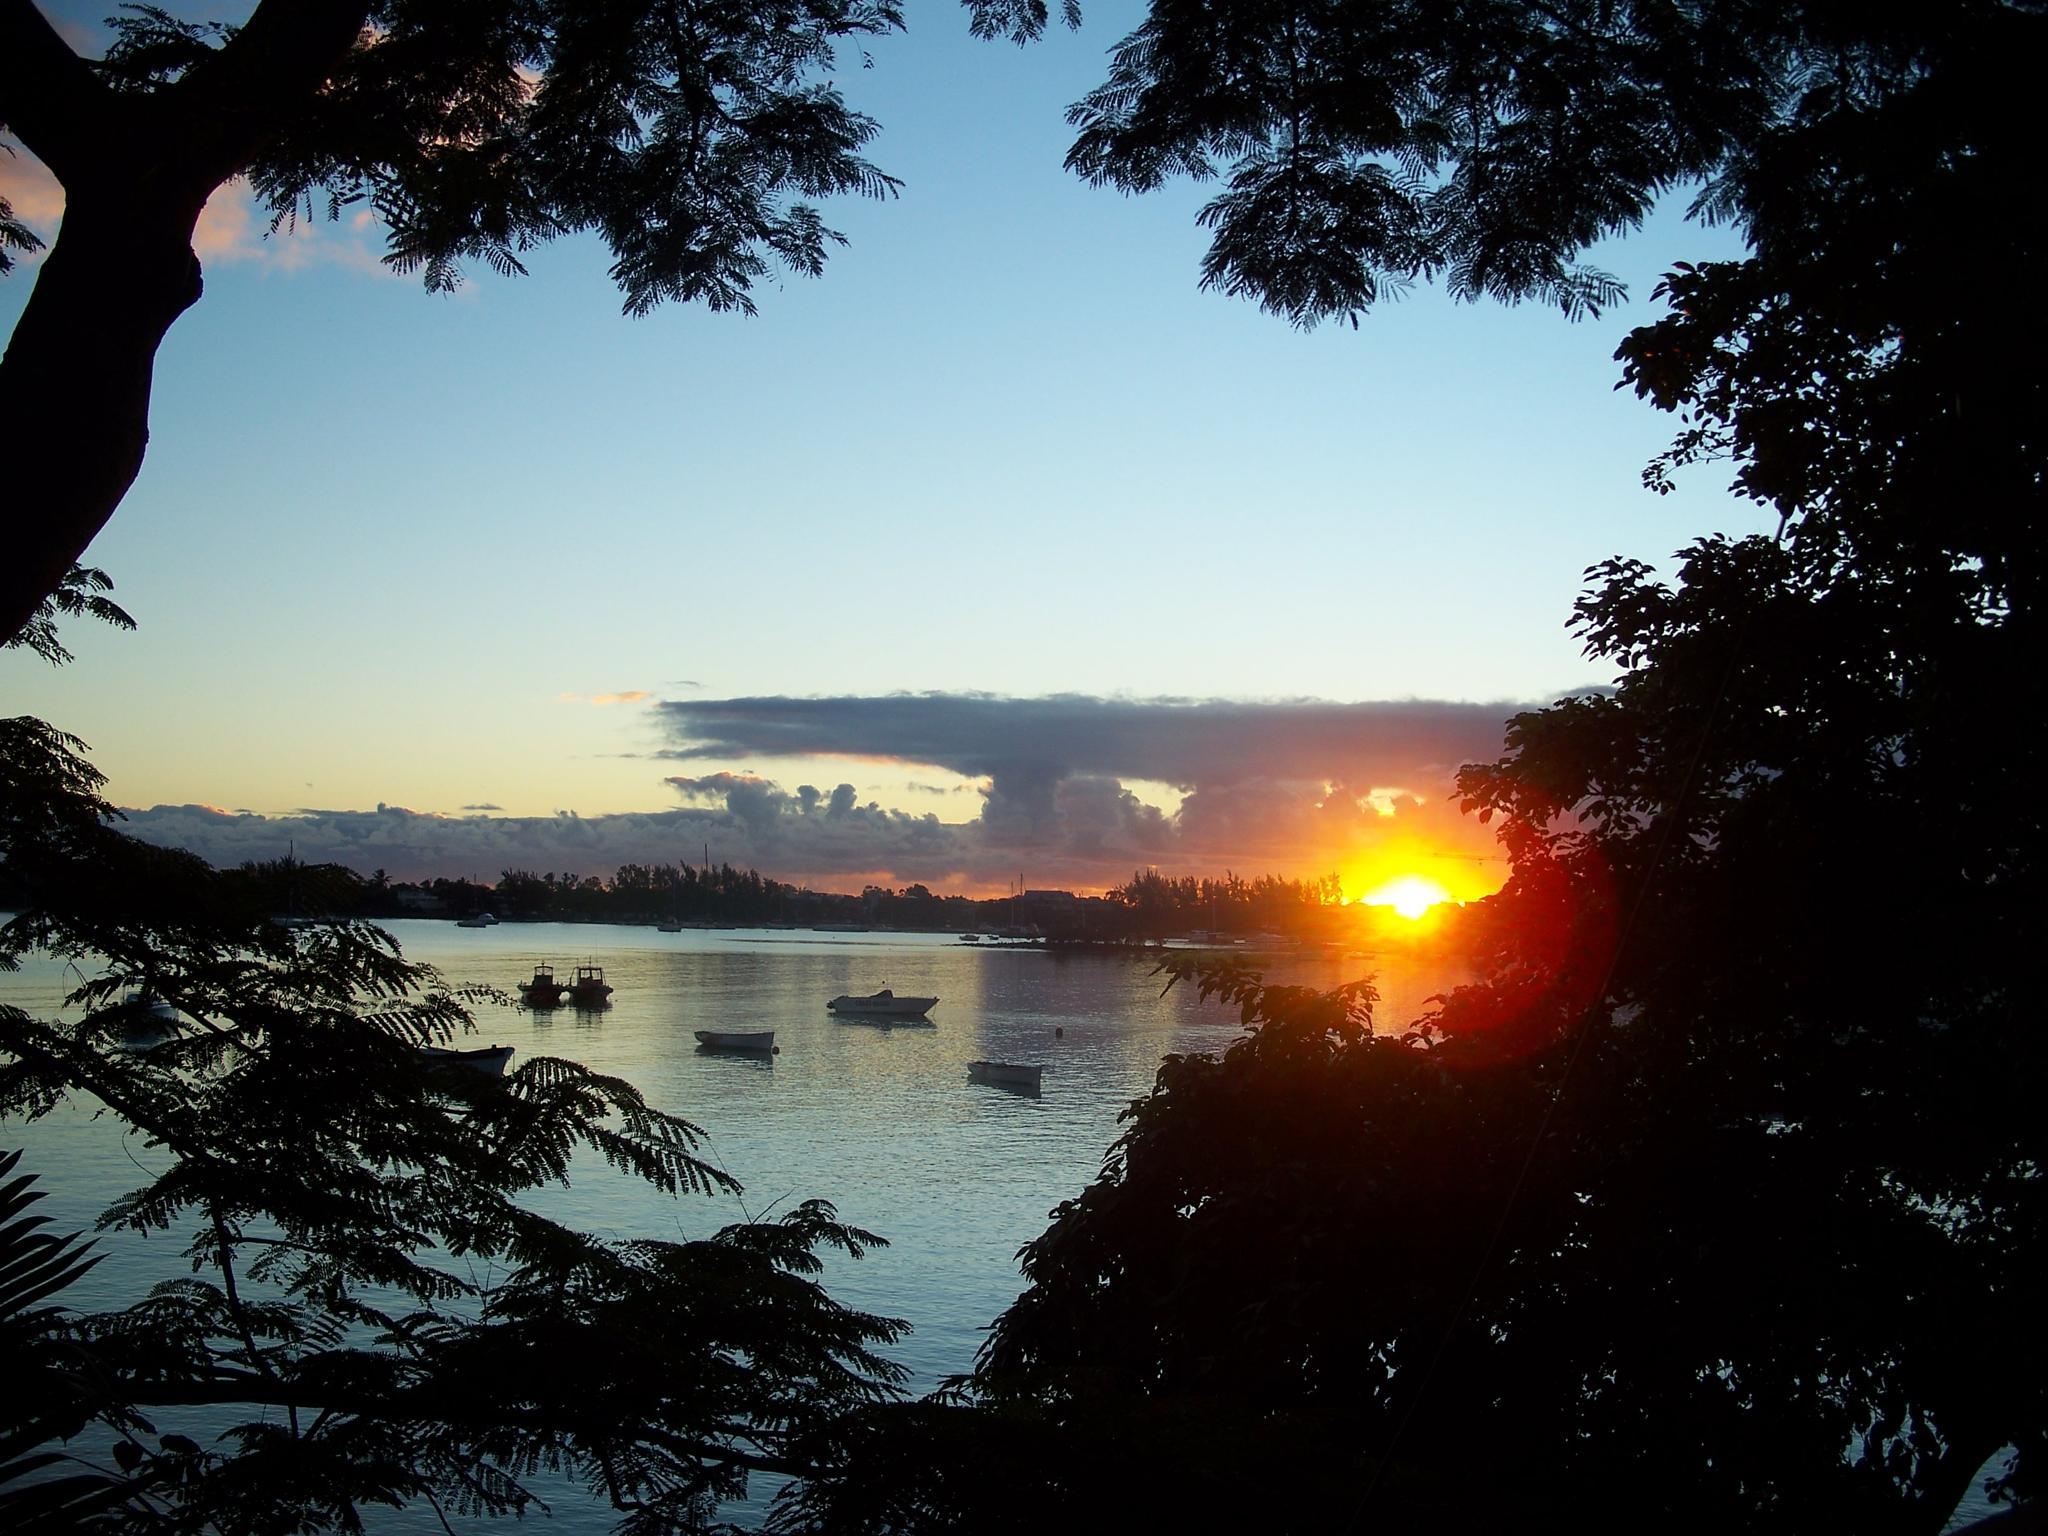 sunrise on mauritius by vagam0nda